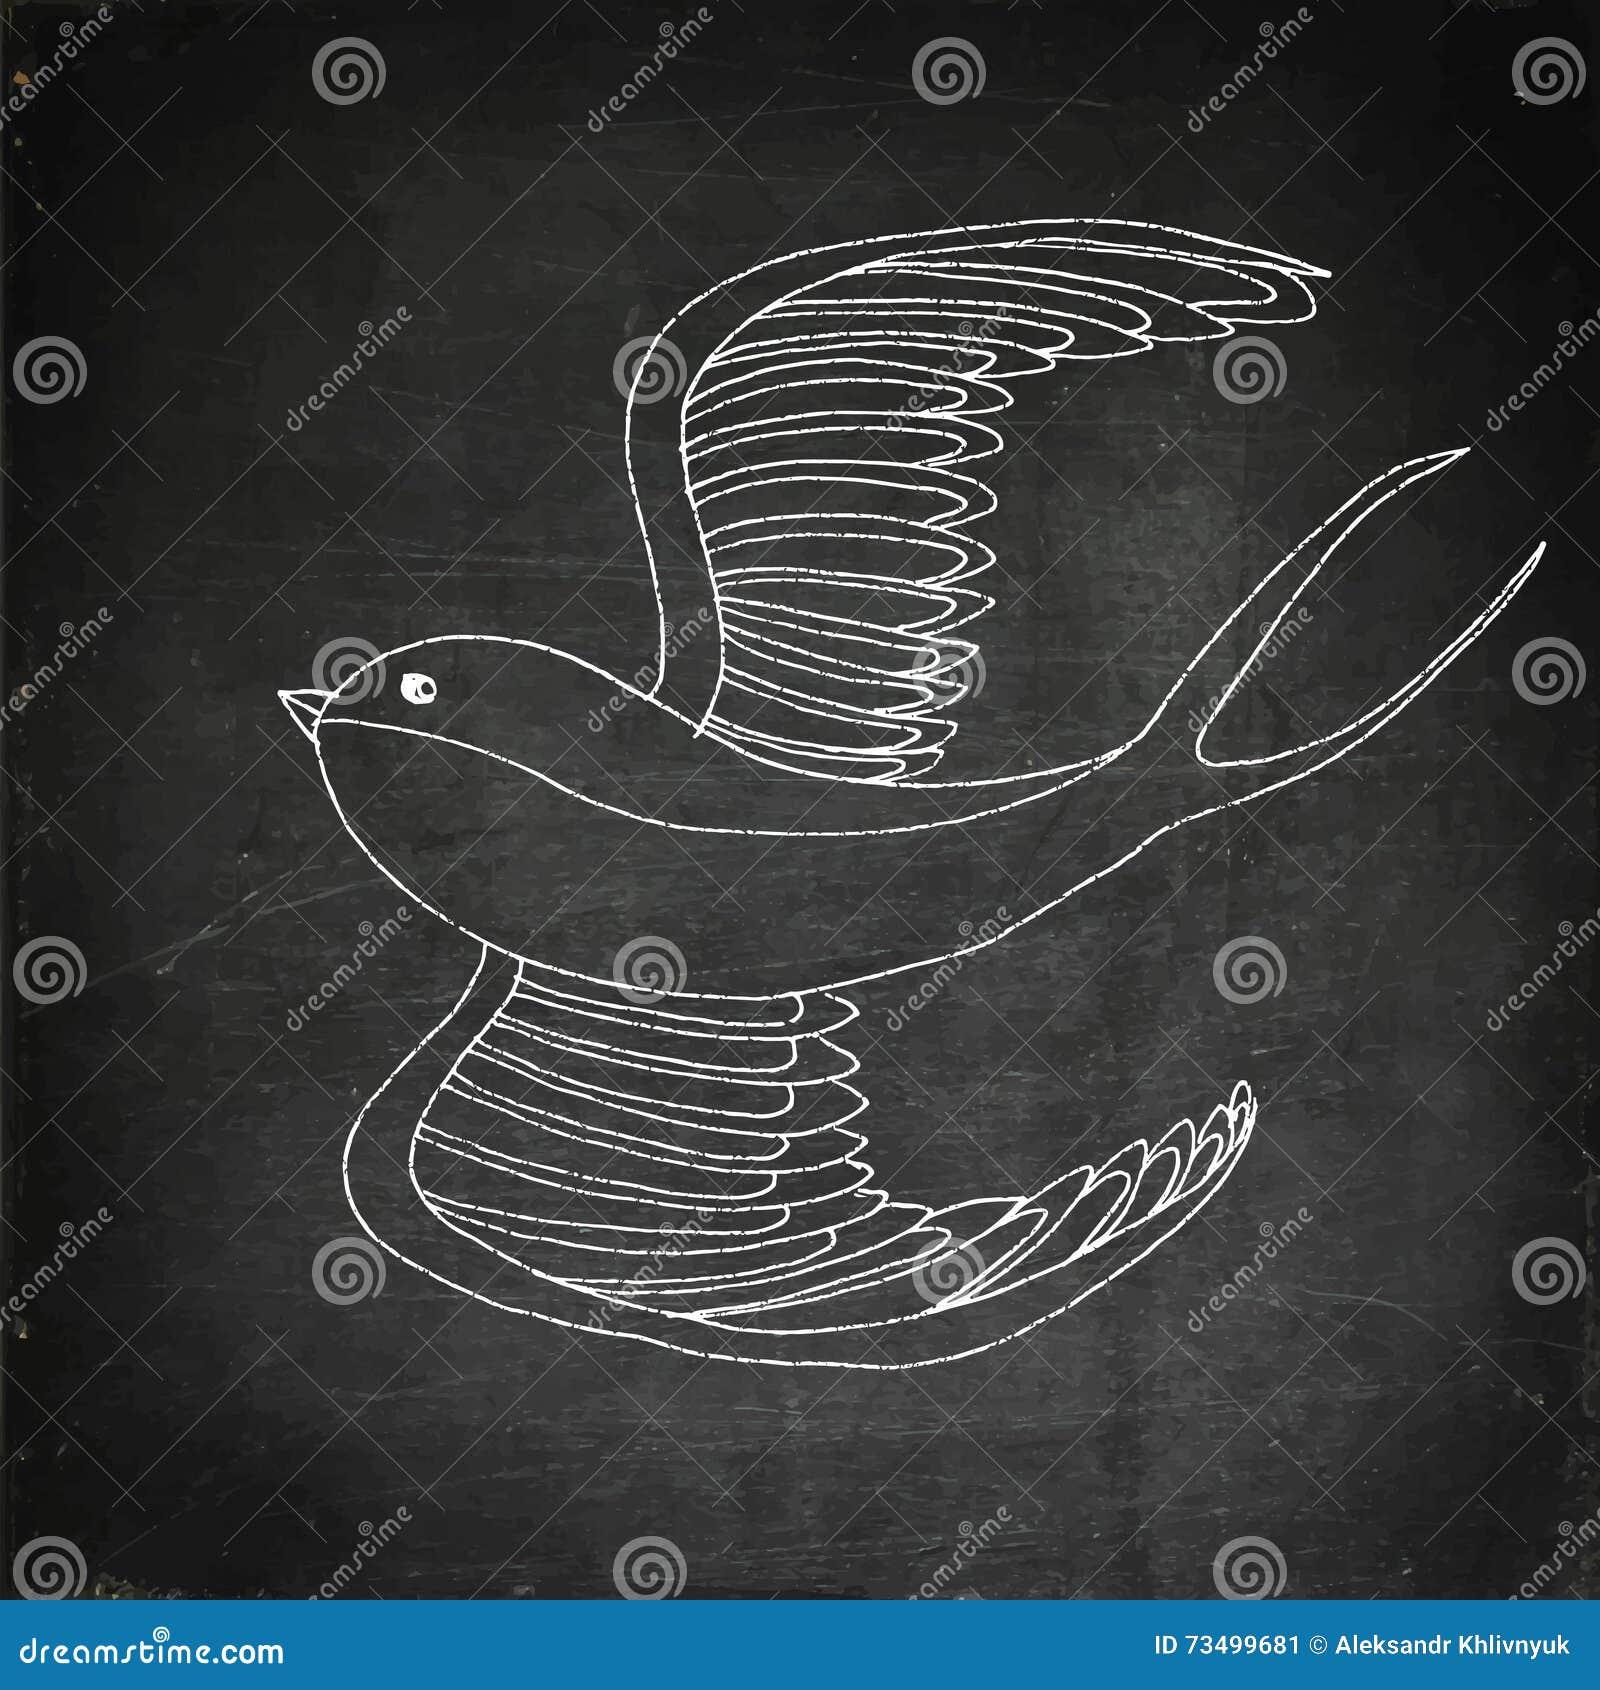 Sensational Swallow Bird Illustration Stock Illustration Illustration Theyellowbook Wood Chair Design Ideas Theyellowbookinfo